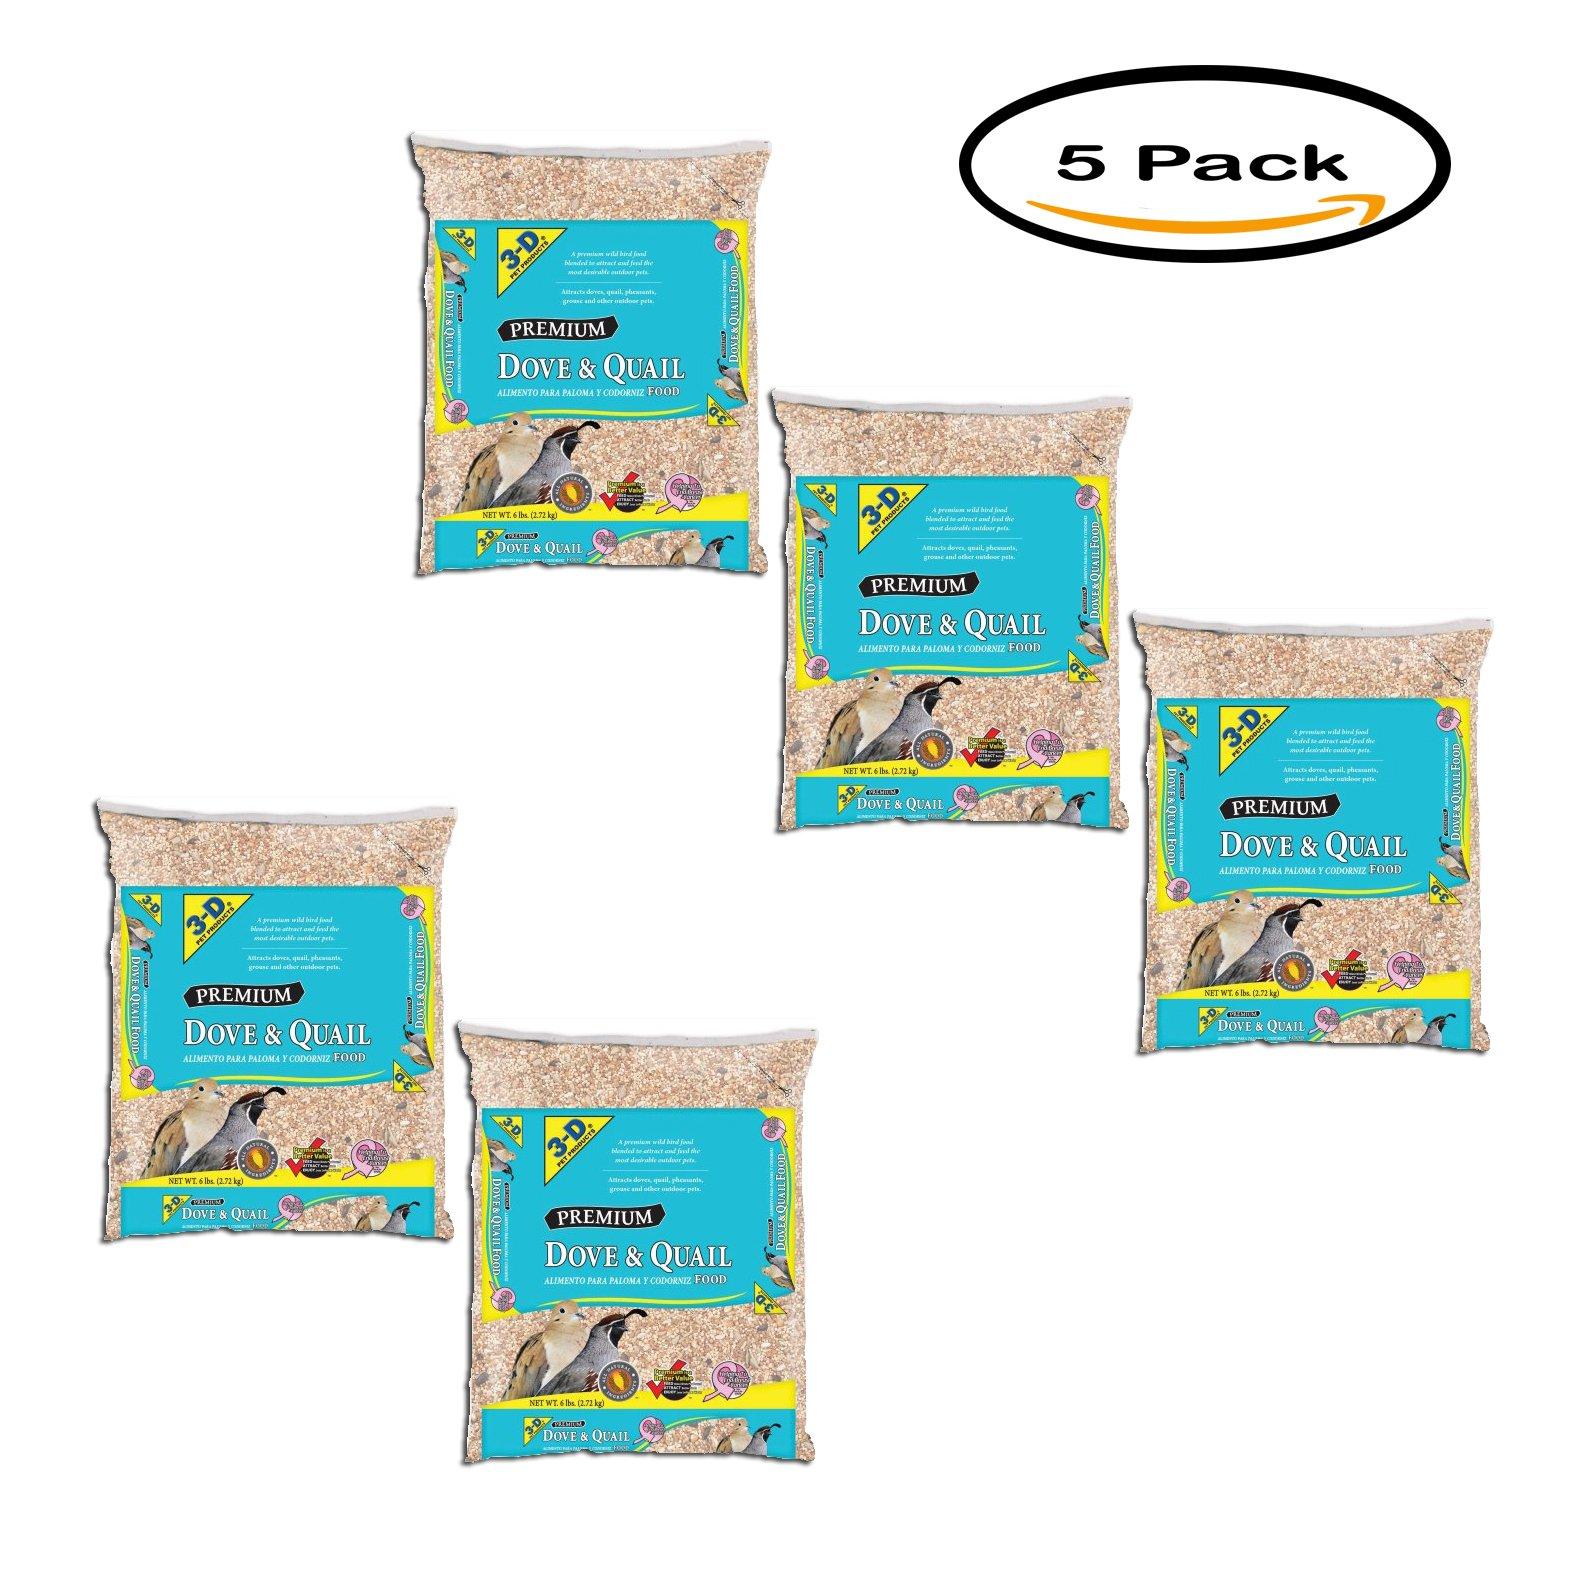 PACK OF 5 - 3-D Pet Products Premium 6lb Dove & Quail Food by Pet D